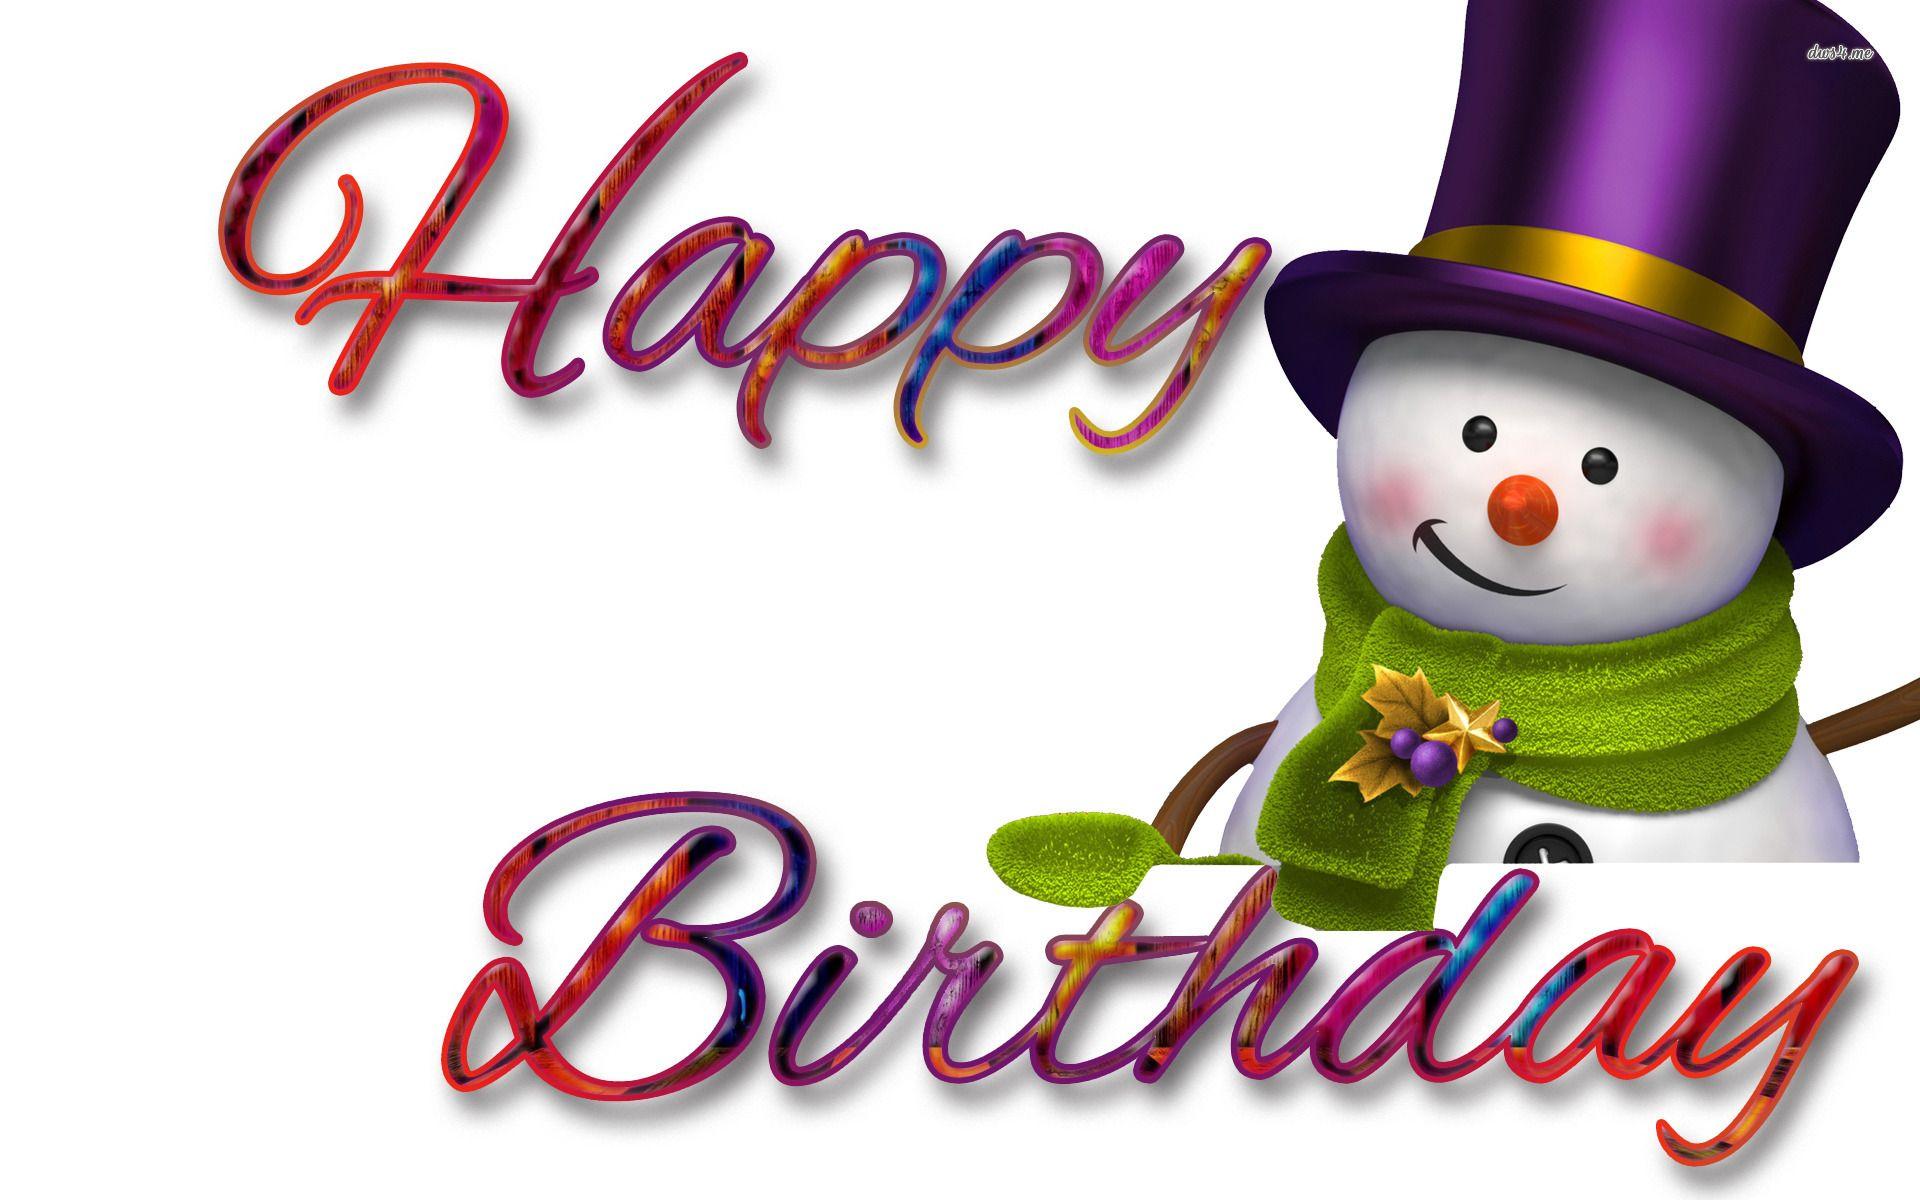 Happy Birthday wallpaper Birthday wishes Pinterest